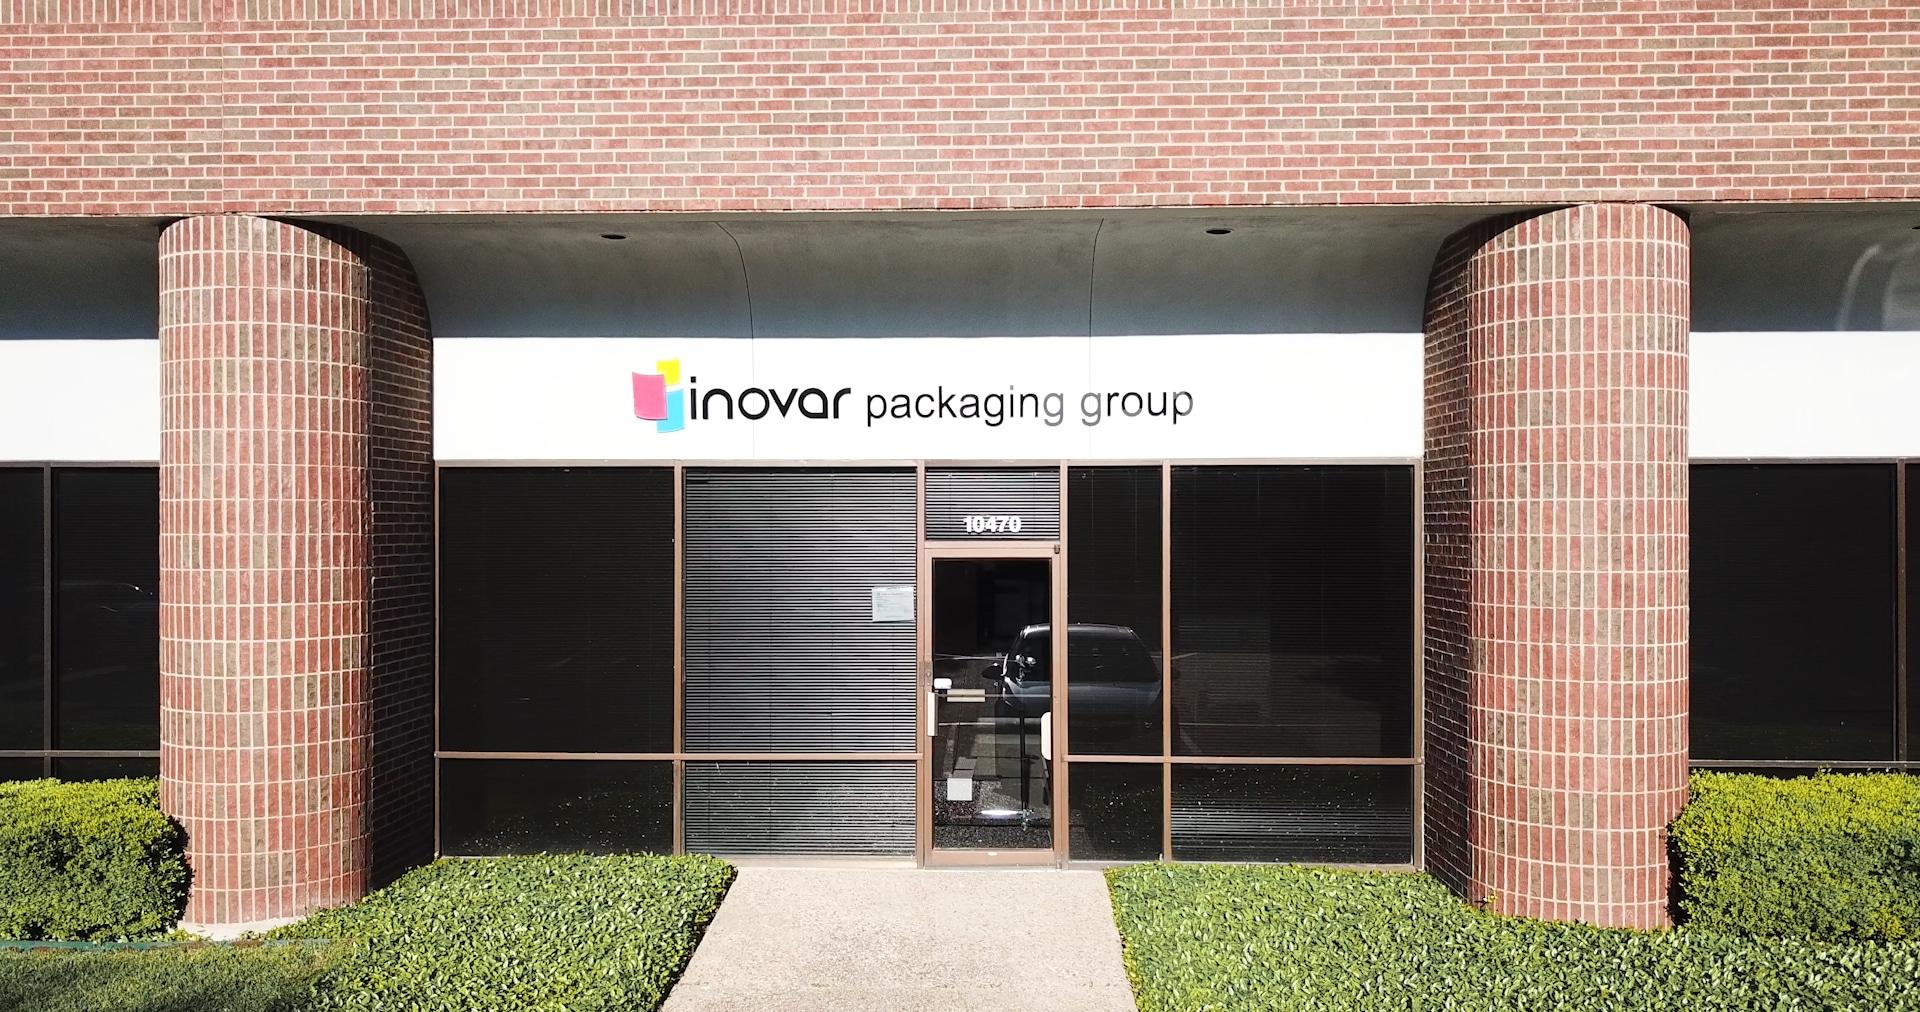 inovar packaging group